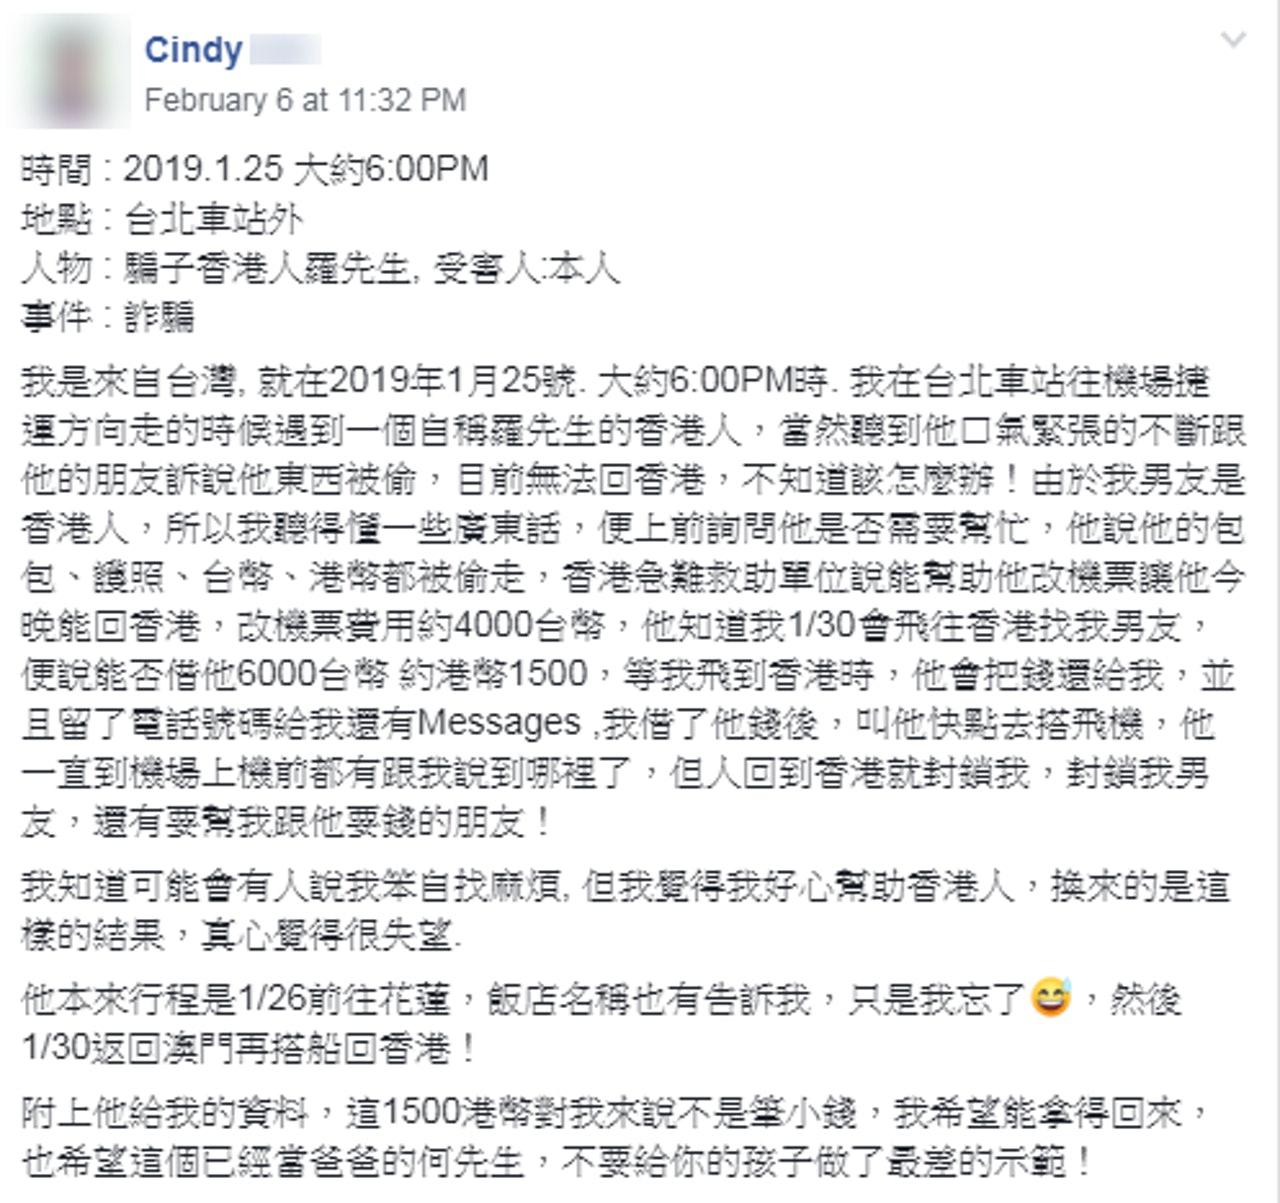 台女好心借1500港元 慘被港男登機後封鎖聯絡。fb「爆料公社」Cindy 圖片